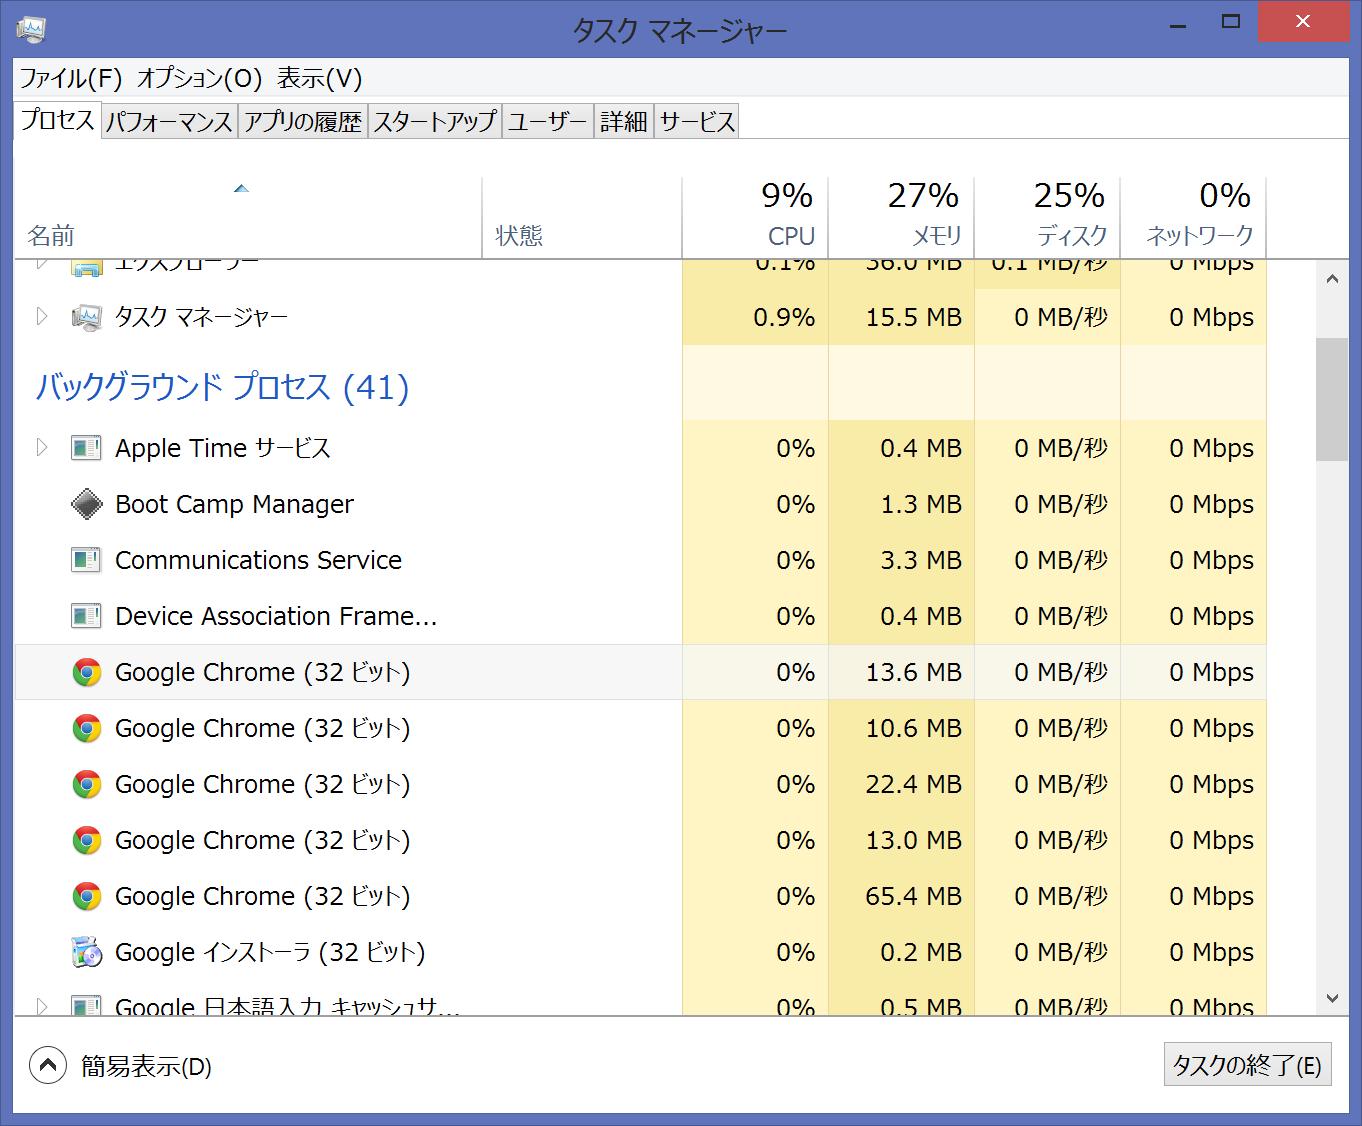 プロセスタブのバックグラウンドプロセスの中にある「Google Chrome (32ビット) 」